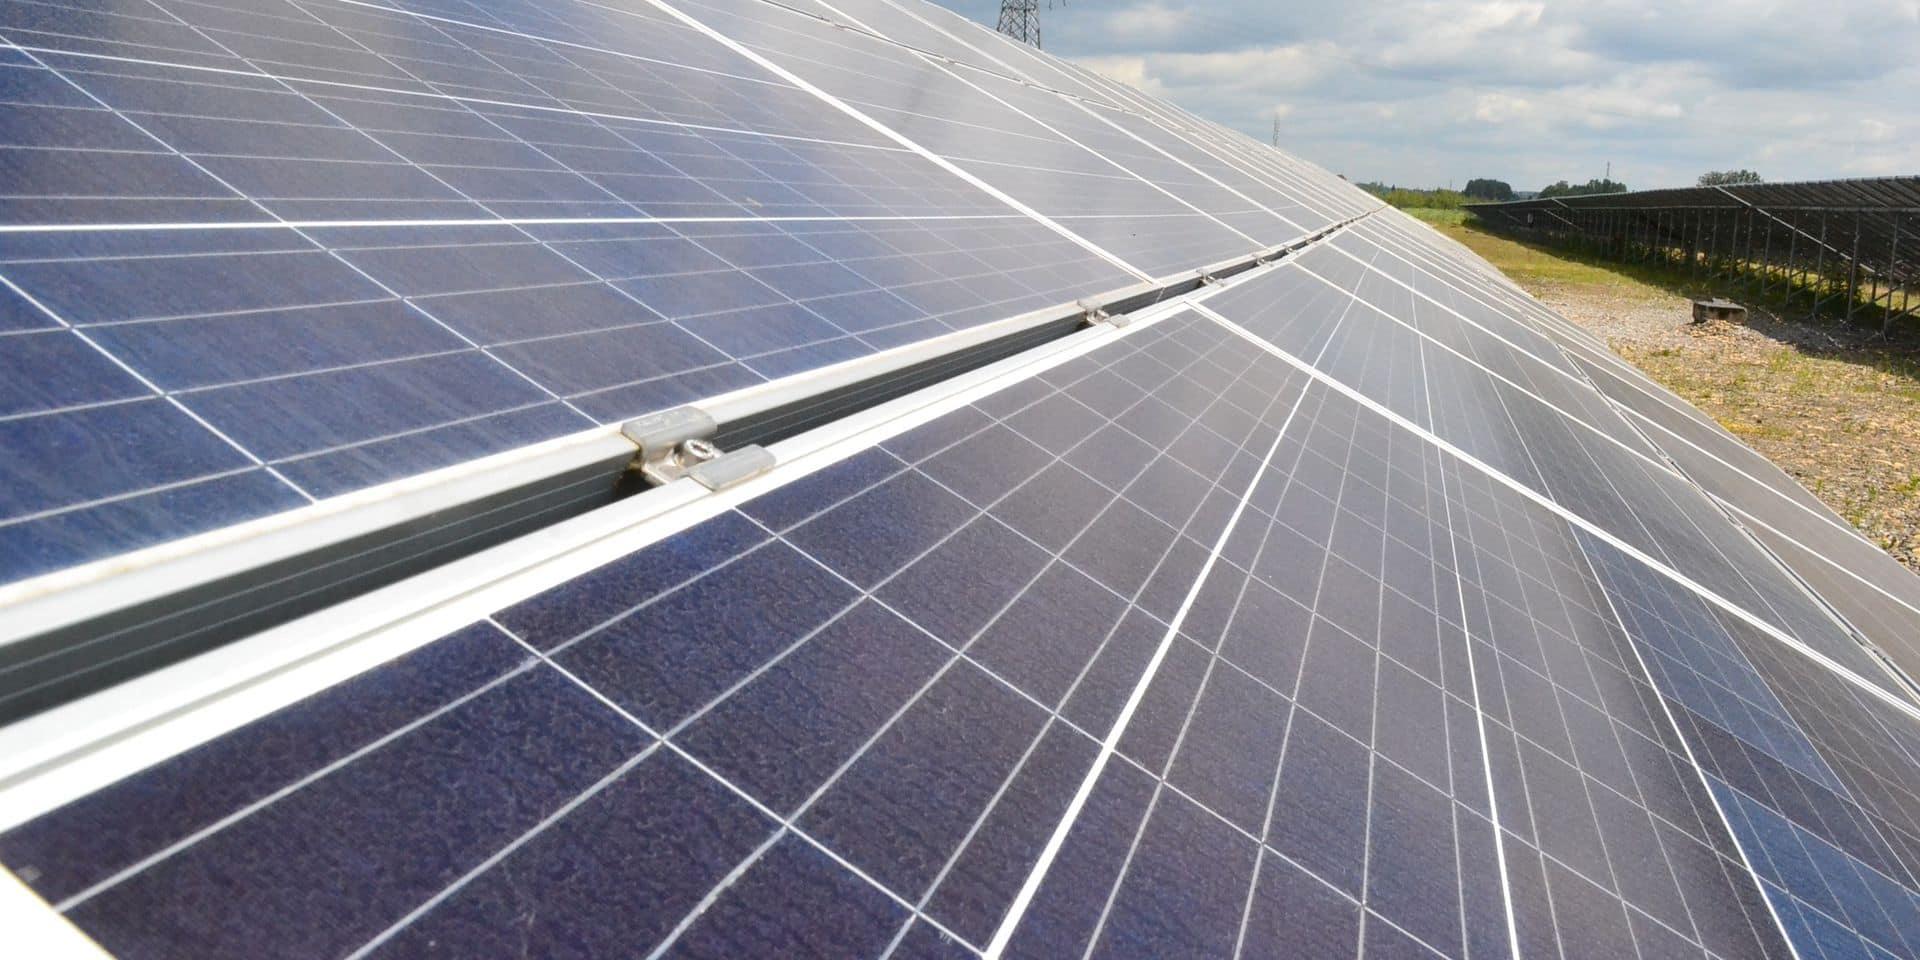 Comment gagner de l'argent avec des panneaux photovoltaïques ?